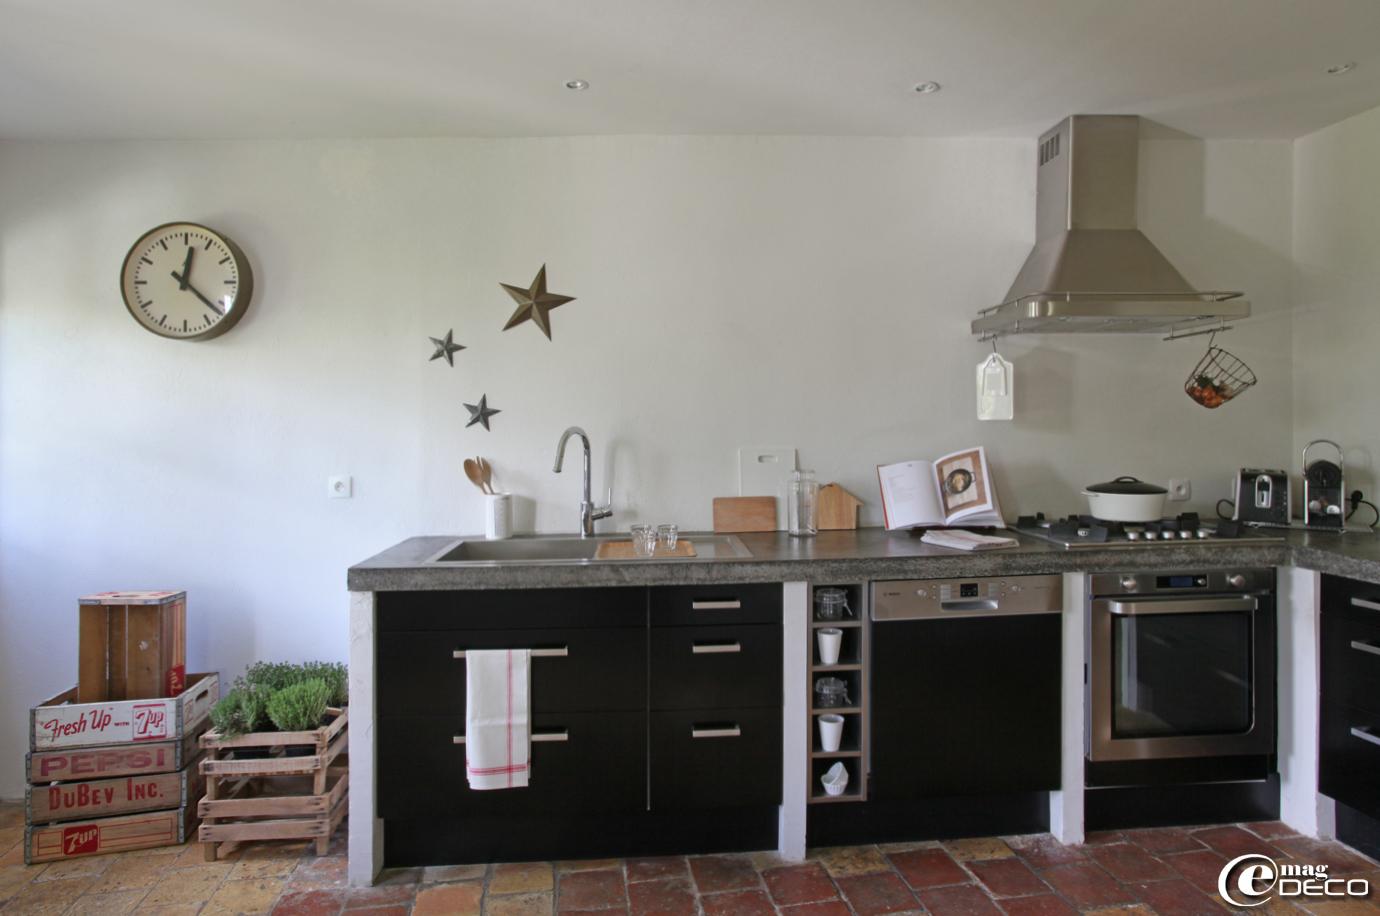 Cuisine et hotte 'Ikea' avec un plan de travail en béton ciré, clayettes en bois empilées servant à présenter des herbes aromatiques